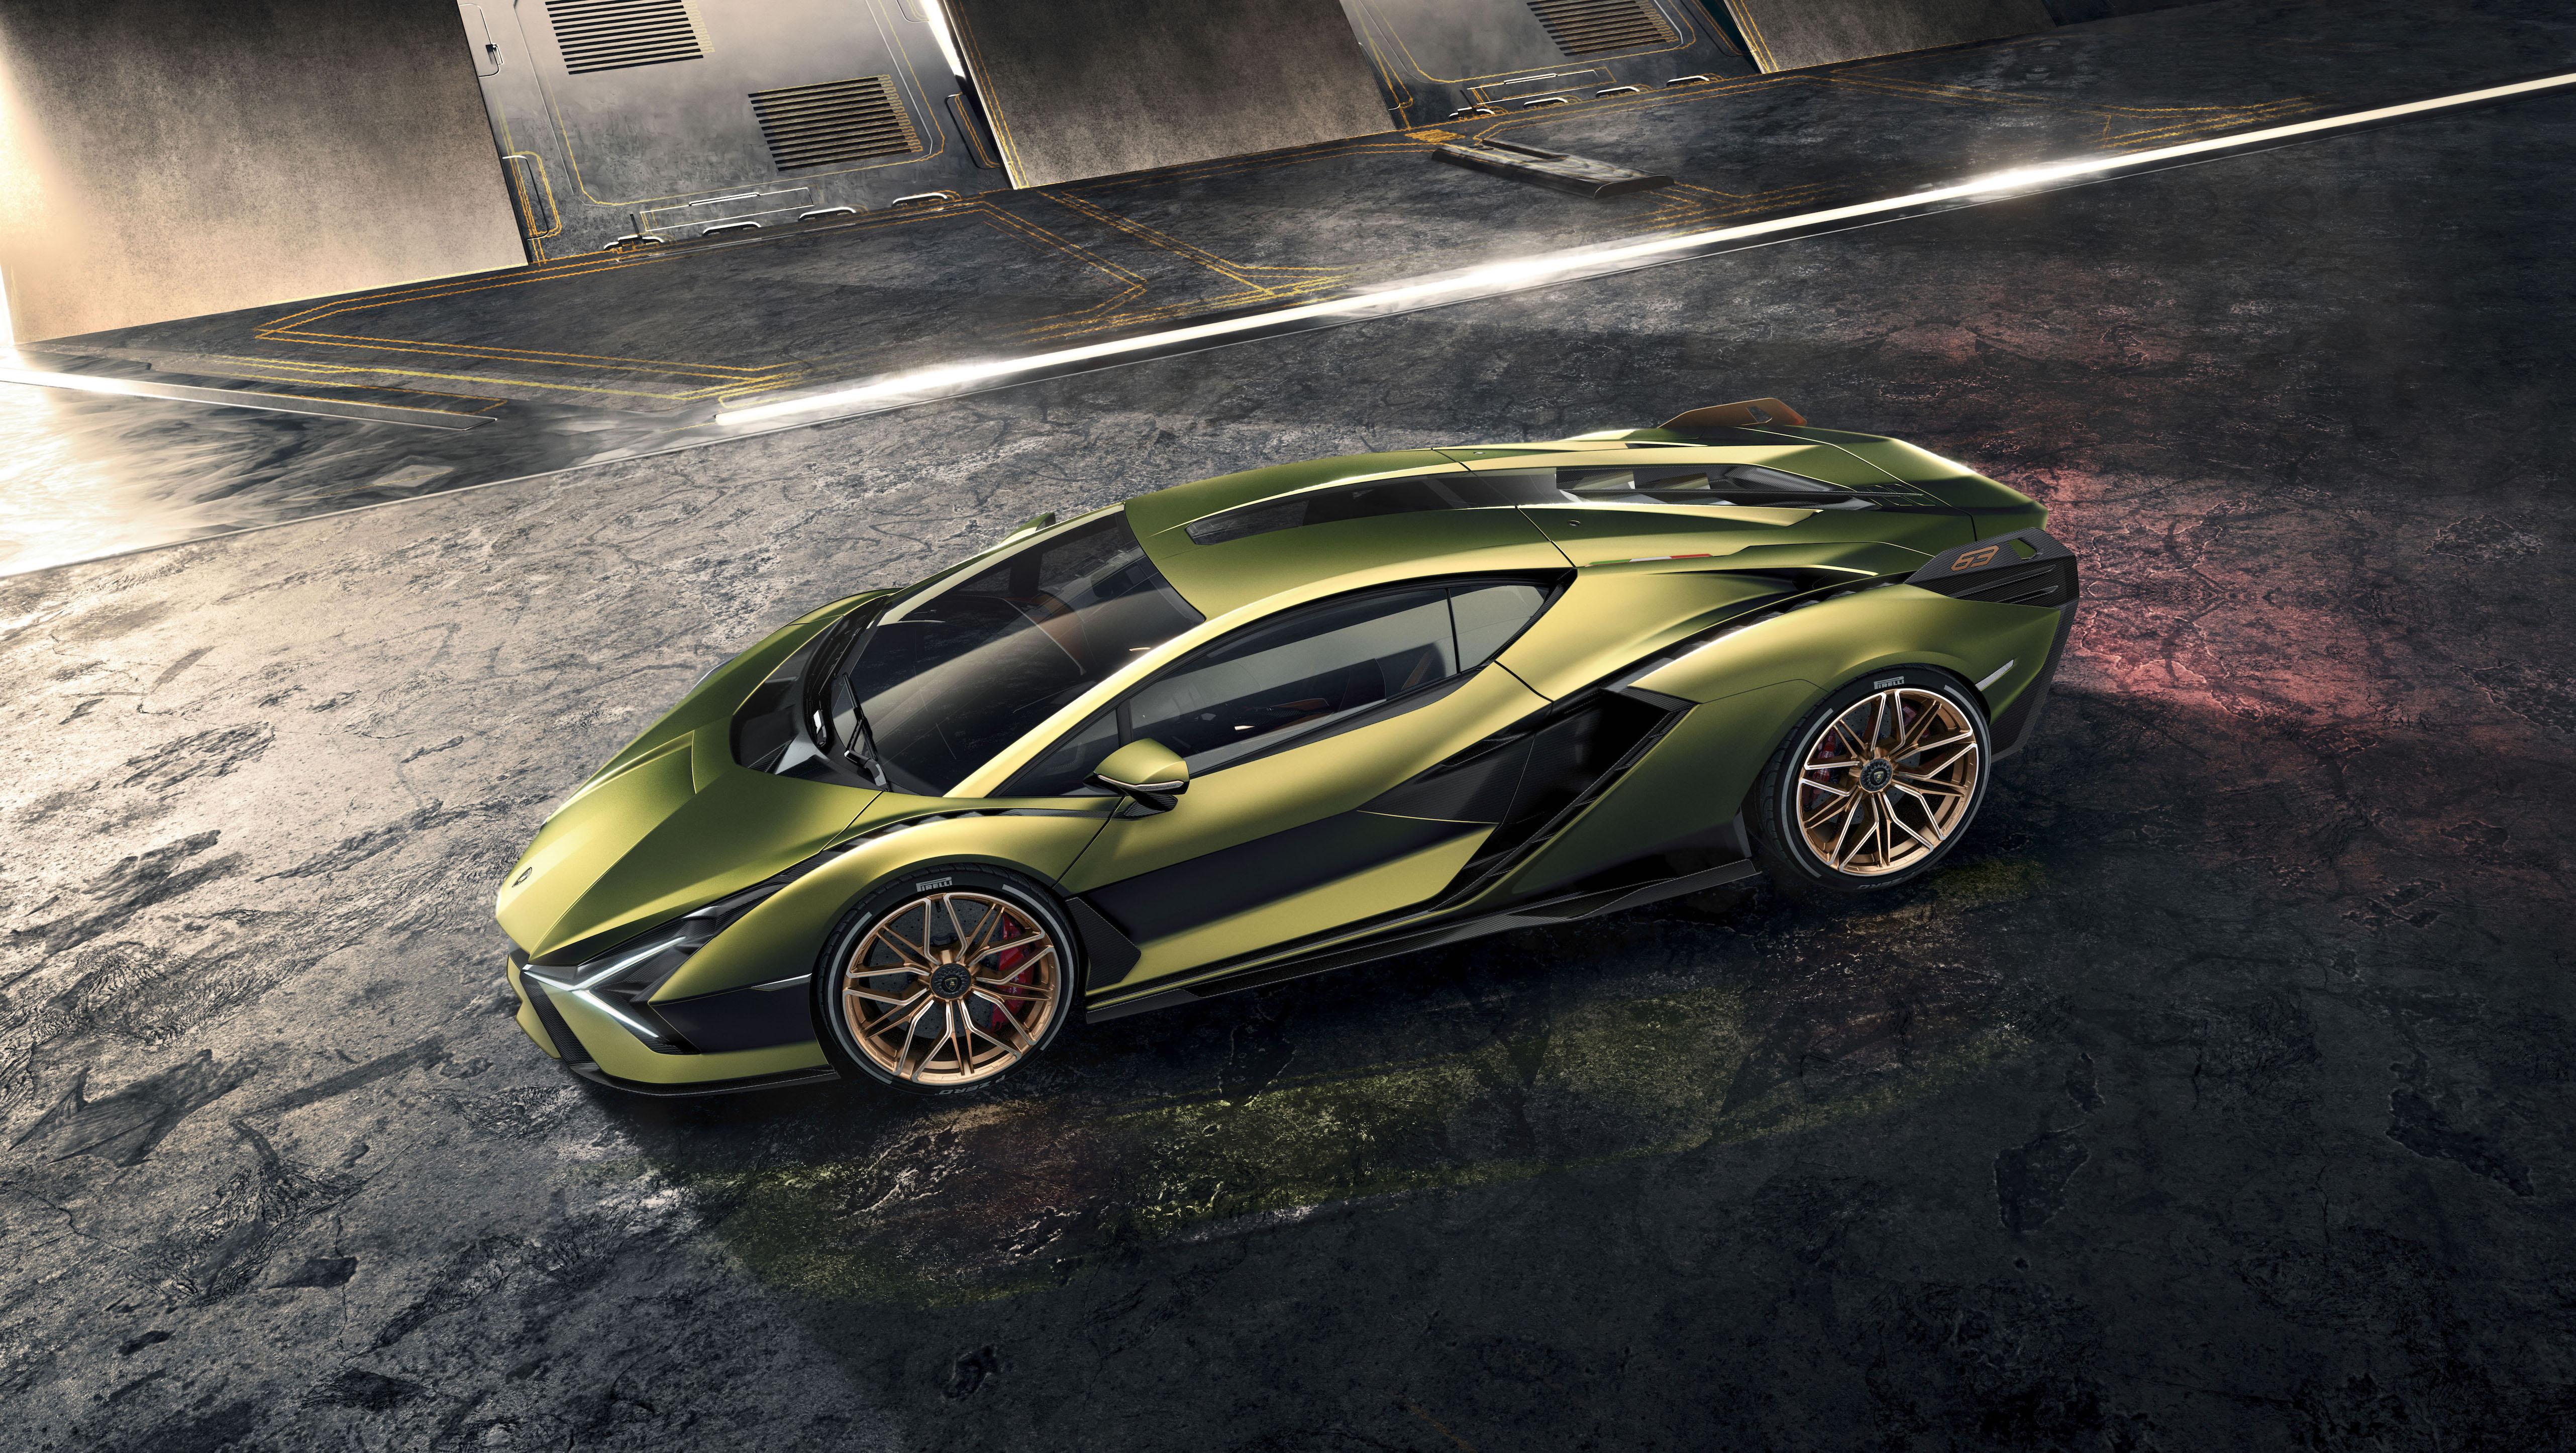 How Much Is A Lambo >> The Lamborghini Sian is not a boring car, lah! | Torque